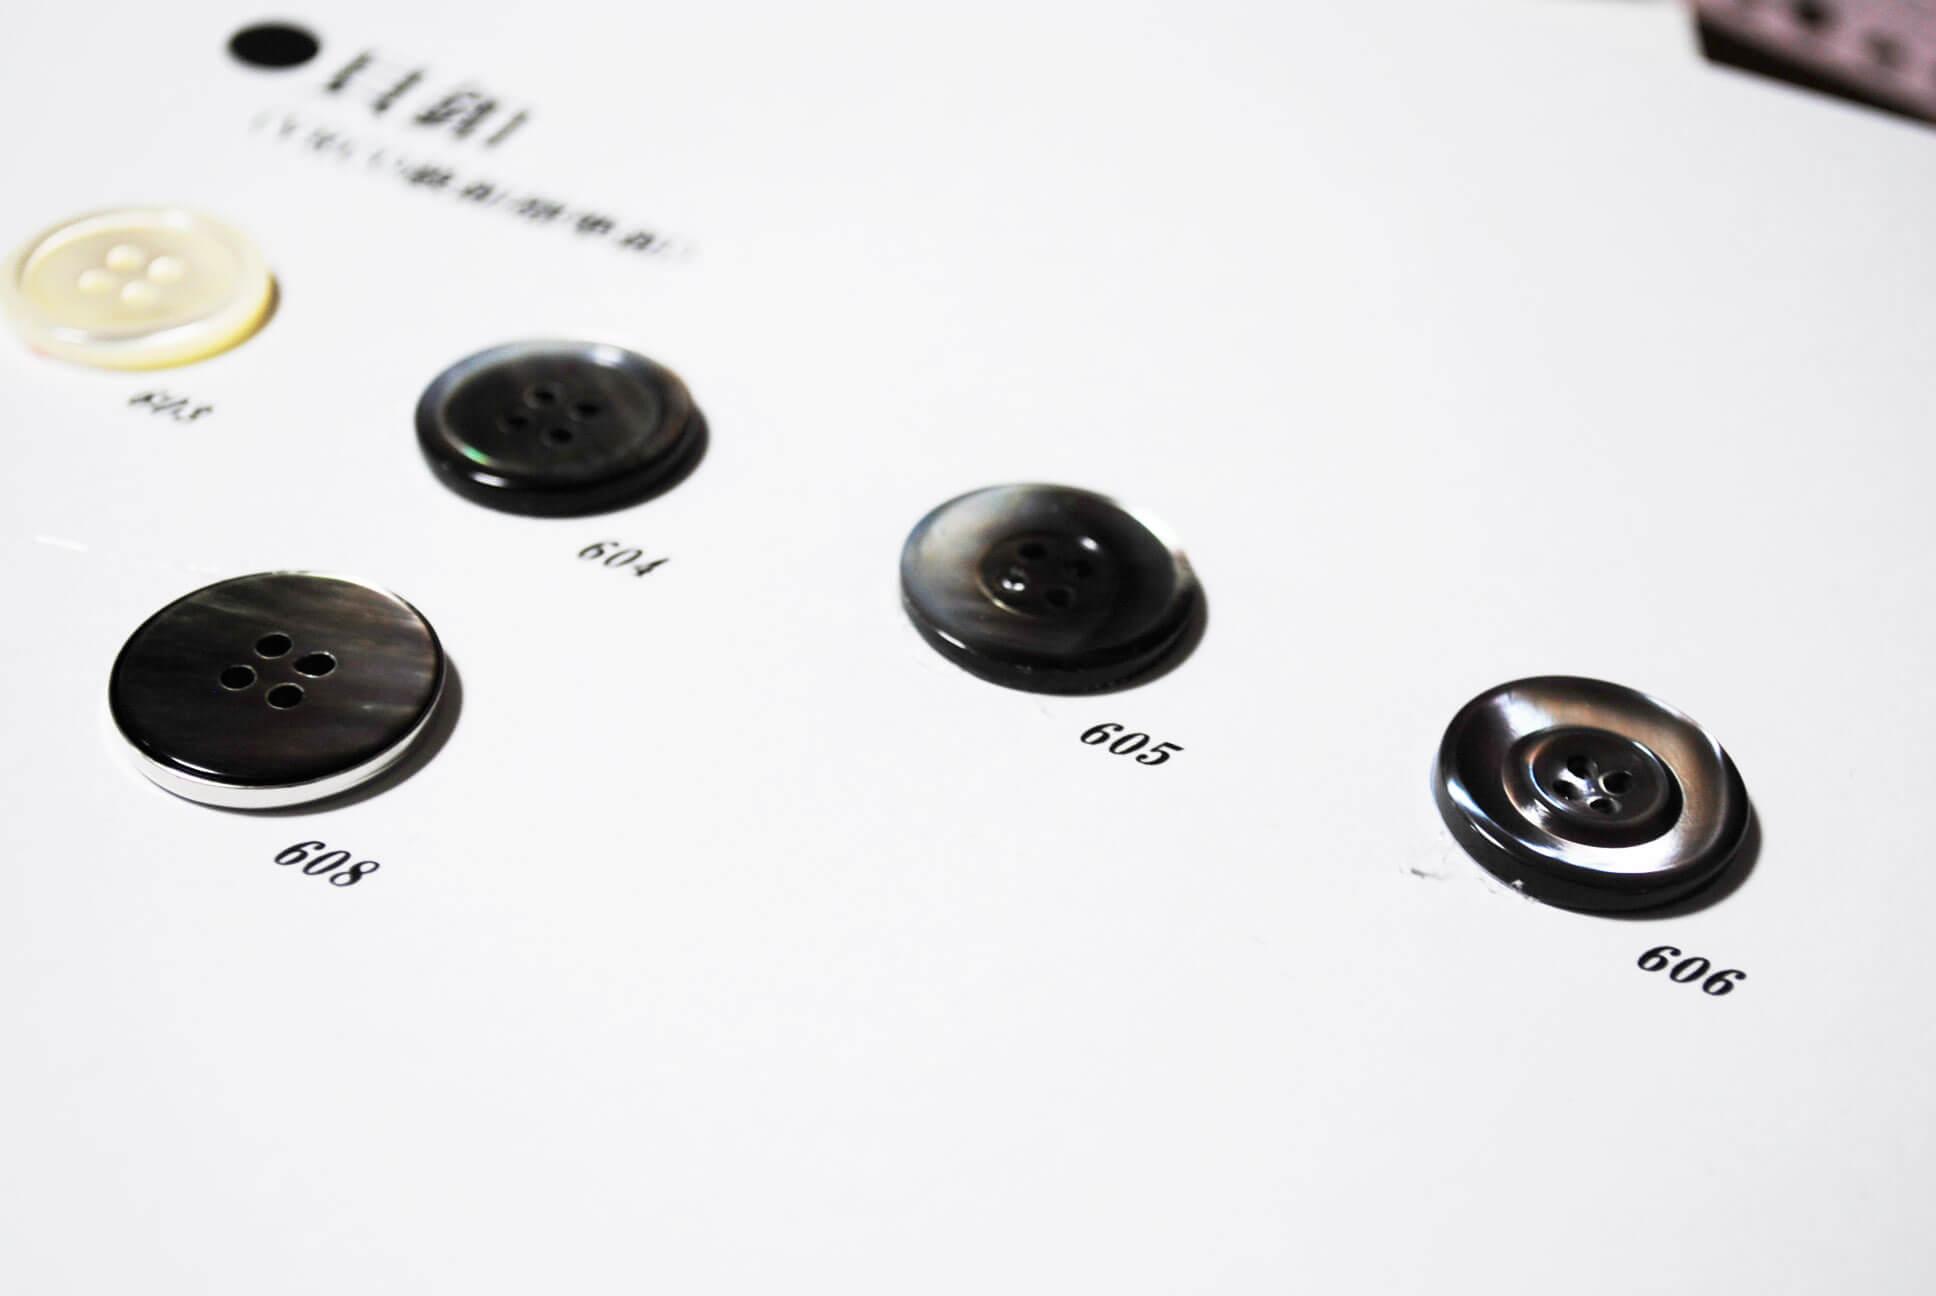 ボタンサンプルNo.2